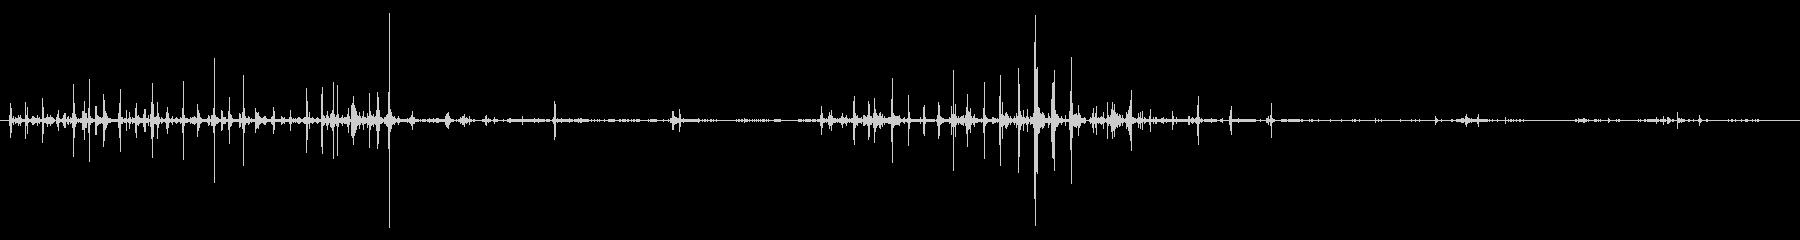 スローイン、ストップホースの未再生の波形